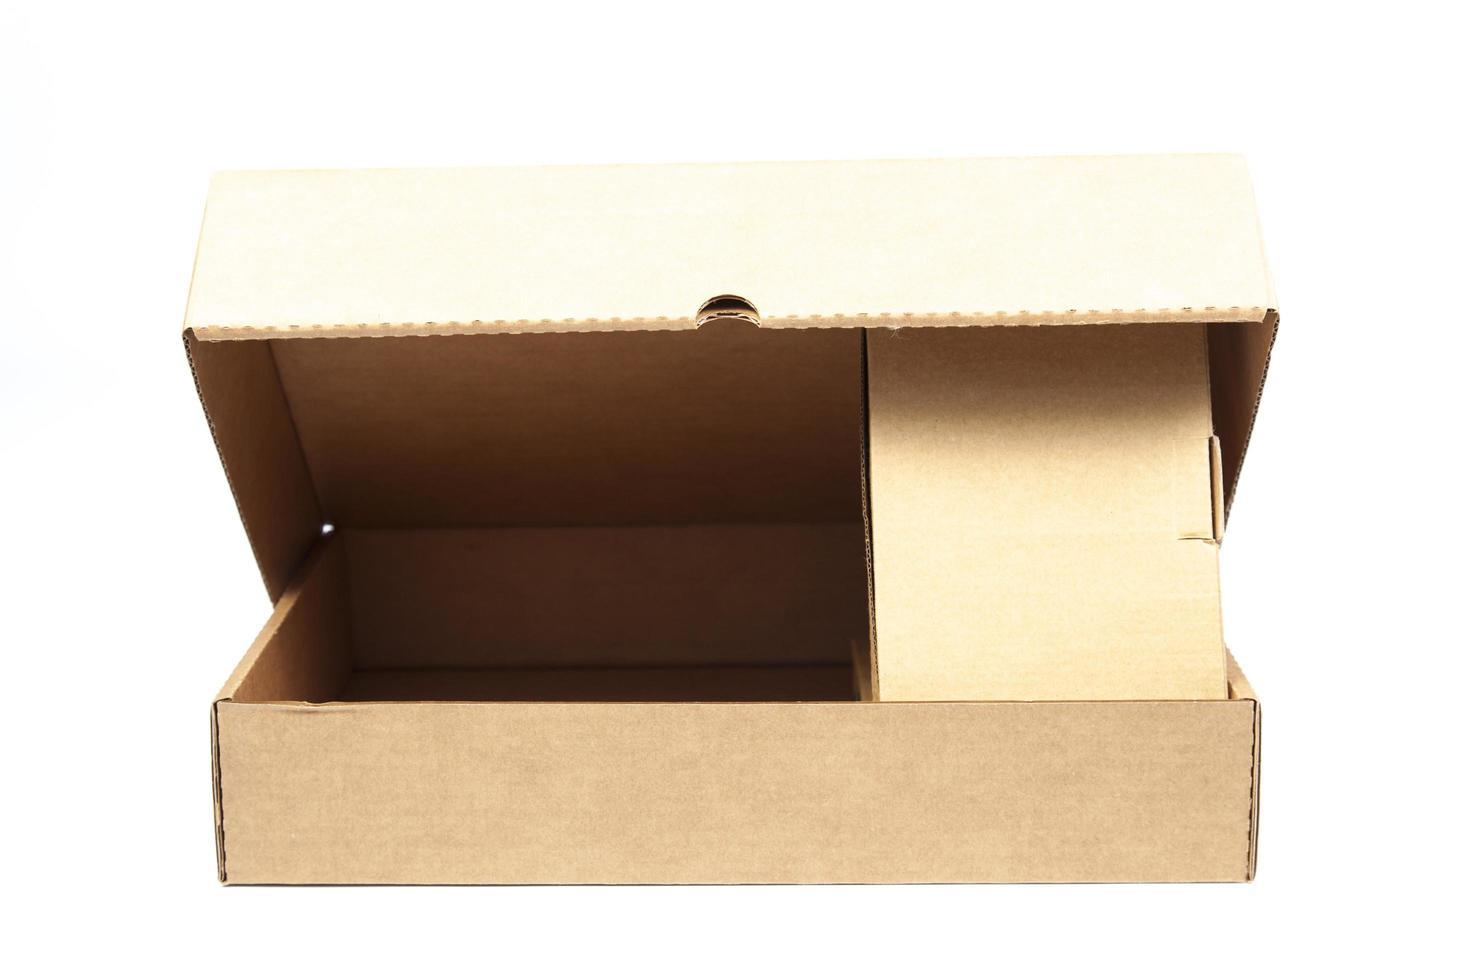 Caja de papel marrón sobre fondo blanco. foto